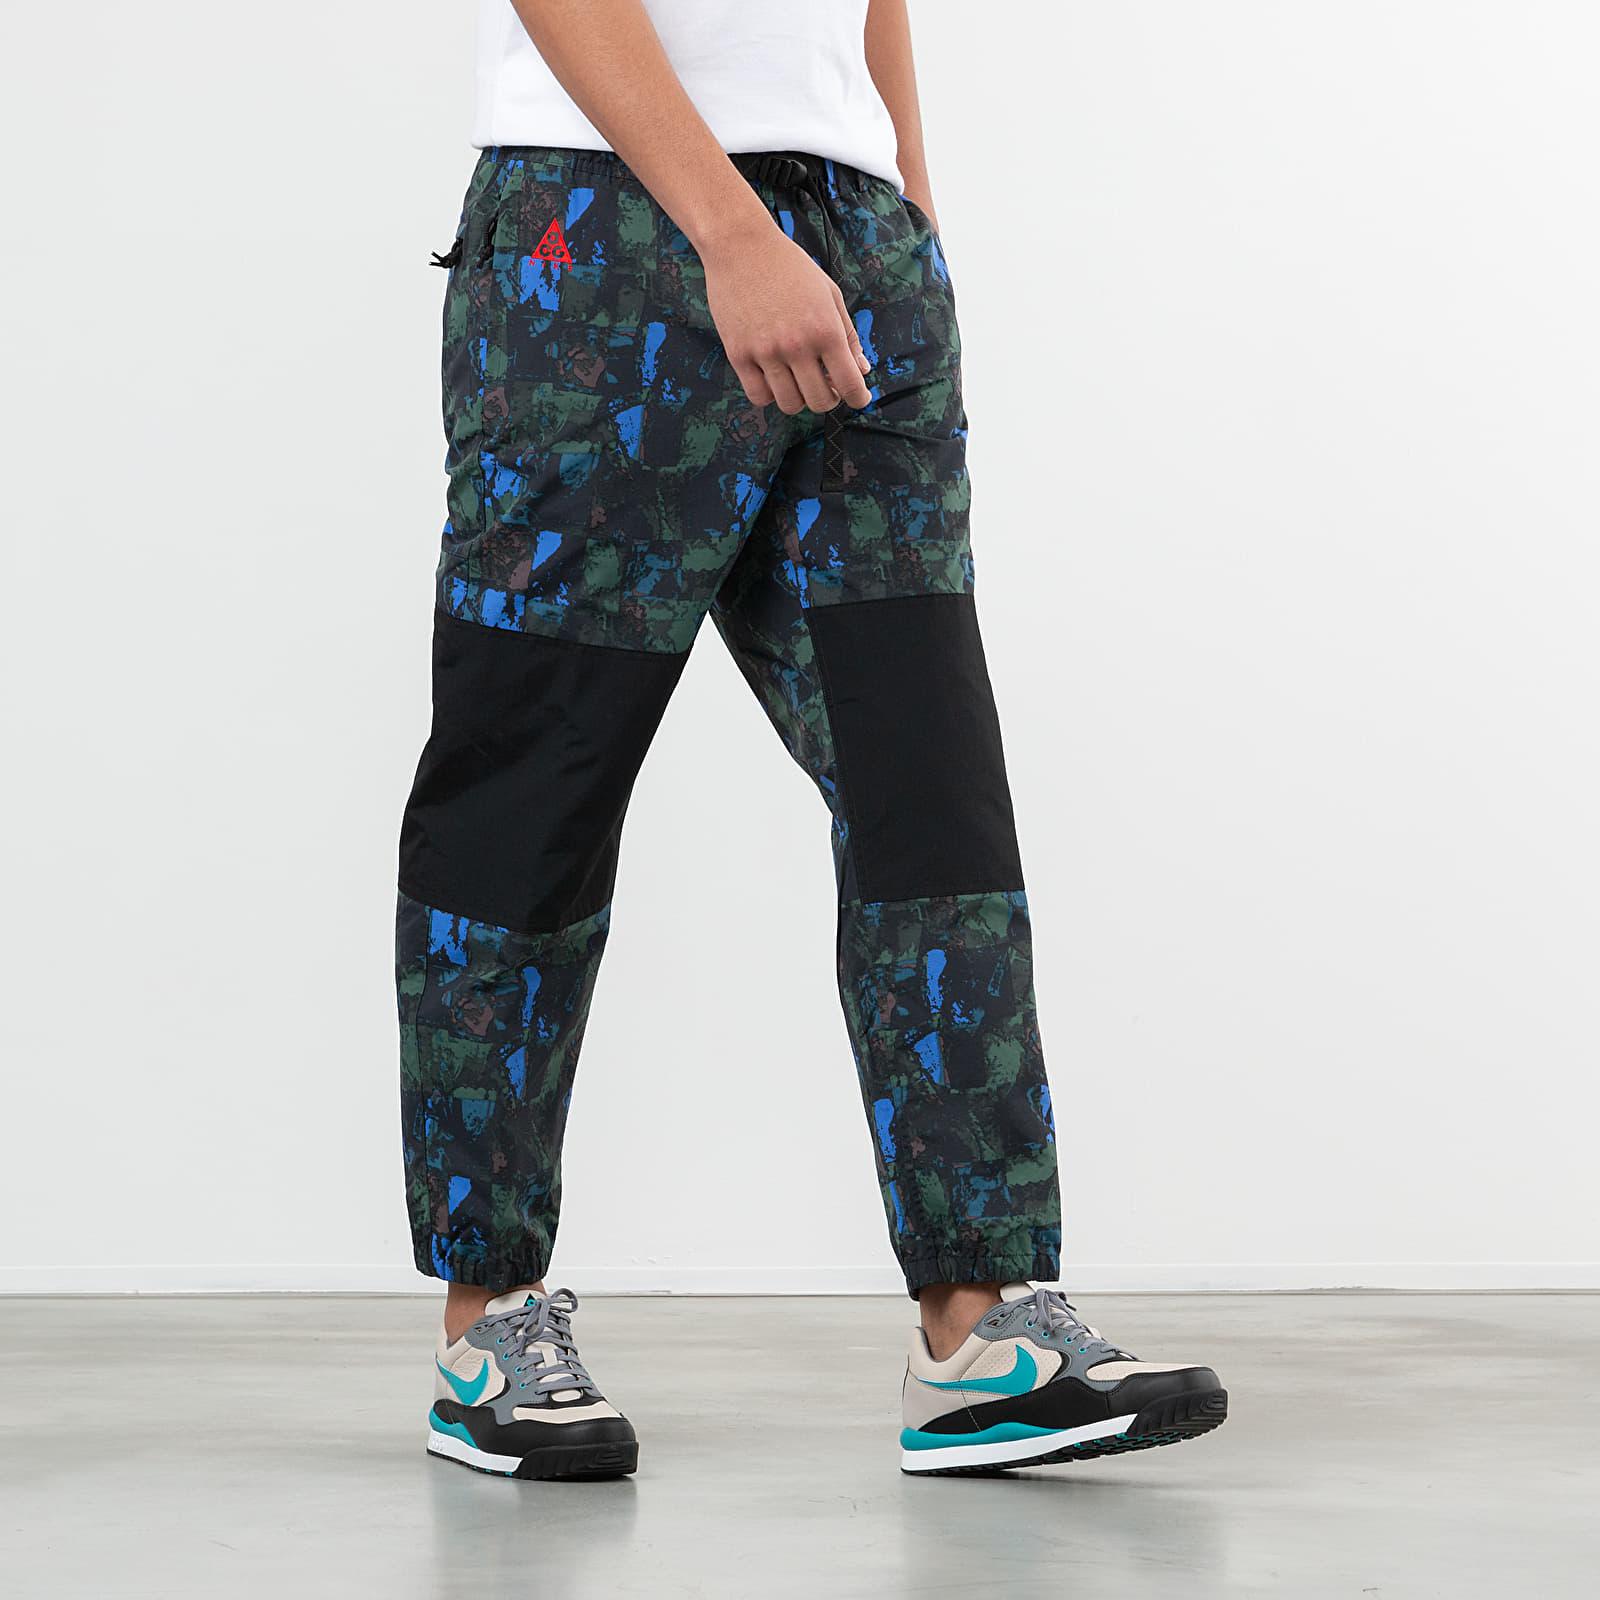 Deshonestidad Belicoso Confundir  Pants and jeans Nike NRG ACG Trail Pants Multicolor | Footshop